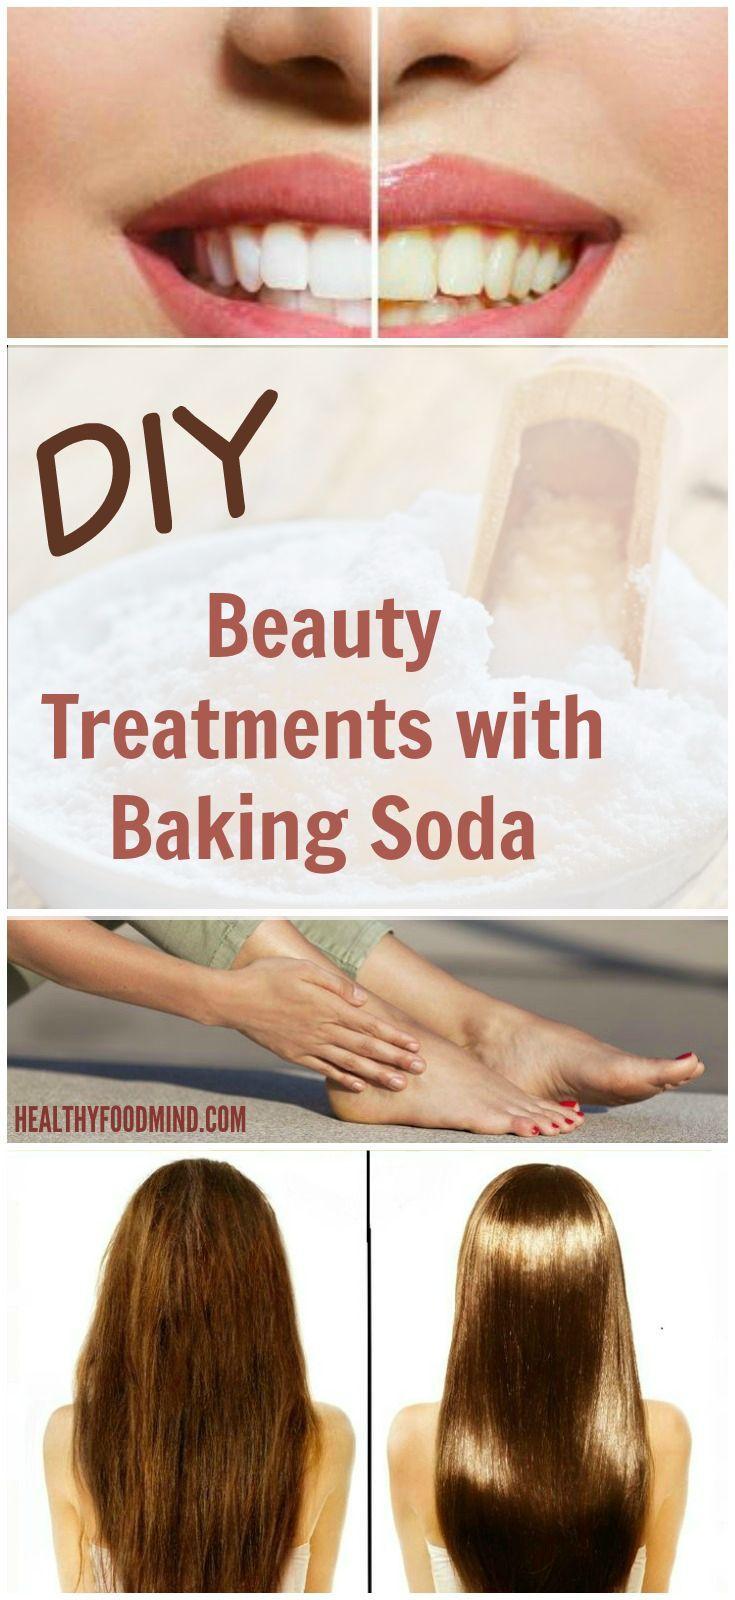 DIY Beauty Treatment with Baking Soda #HeathandBeauty #Win